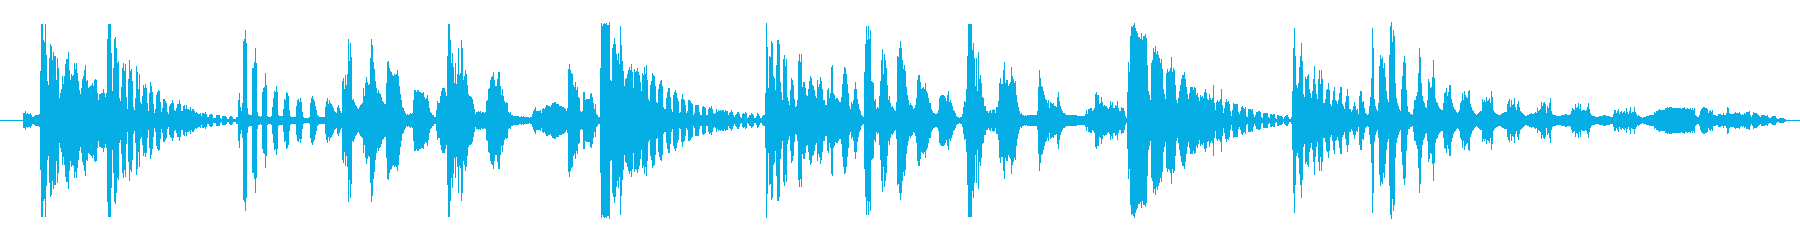 フィクション エイリアン 未知の種02の再生済みの波形